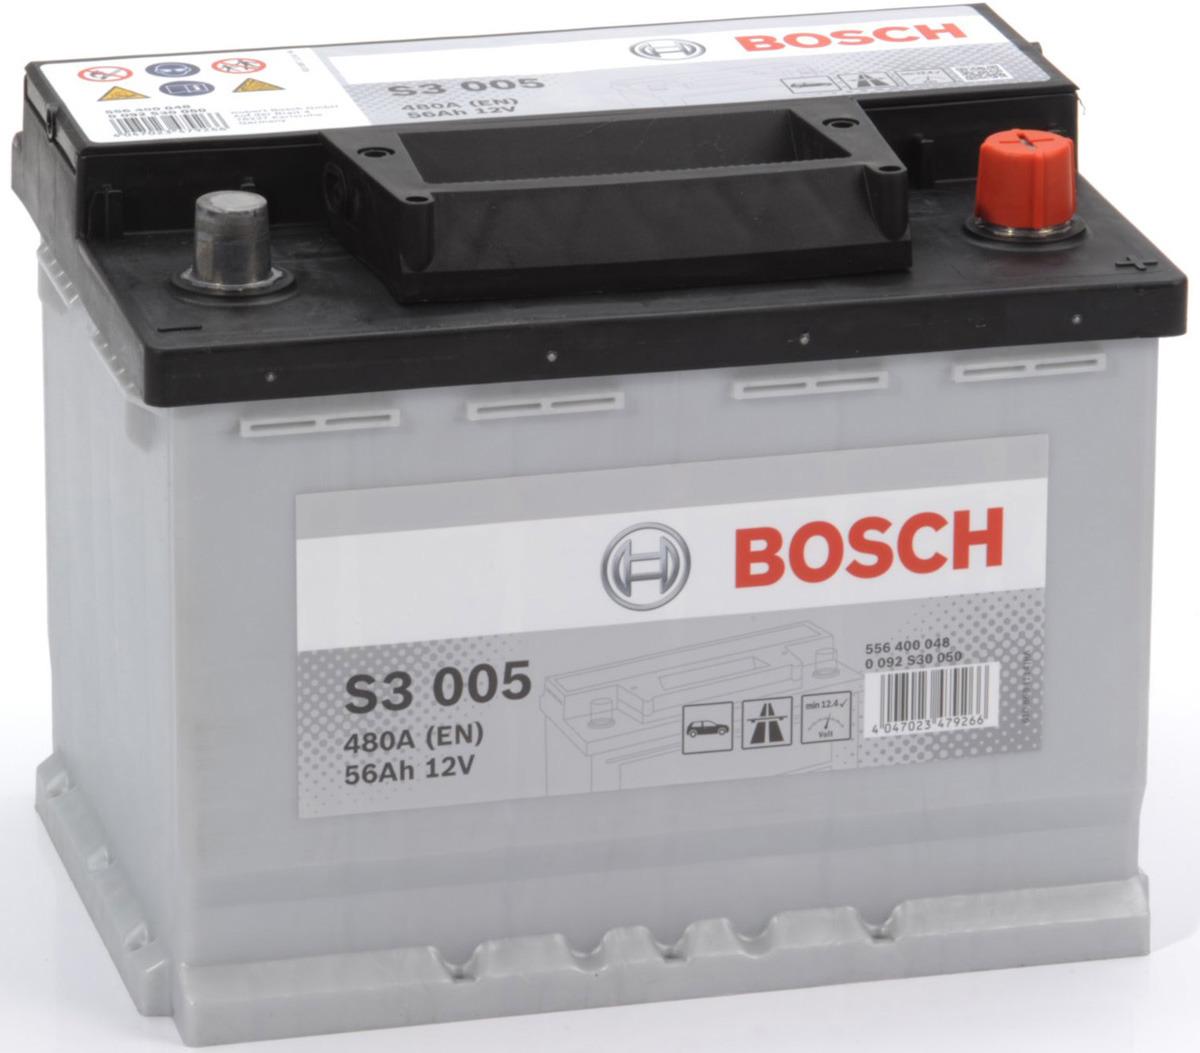 Автомобильный аккумулятор Bosch S3, 480A, ОП, 56 а/ч0092S30050Аккумуляторы Bosch S3 - это надежность и пусковая мощность по приемлемой цене для автомобилей с небольшим количеством электрических компонентов и для автомобилей компакт-класса.